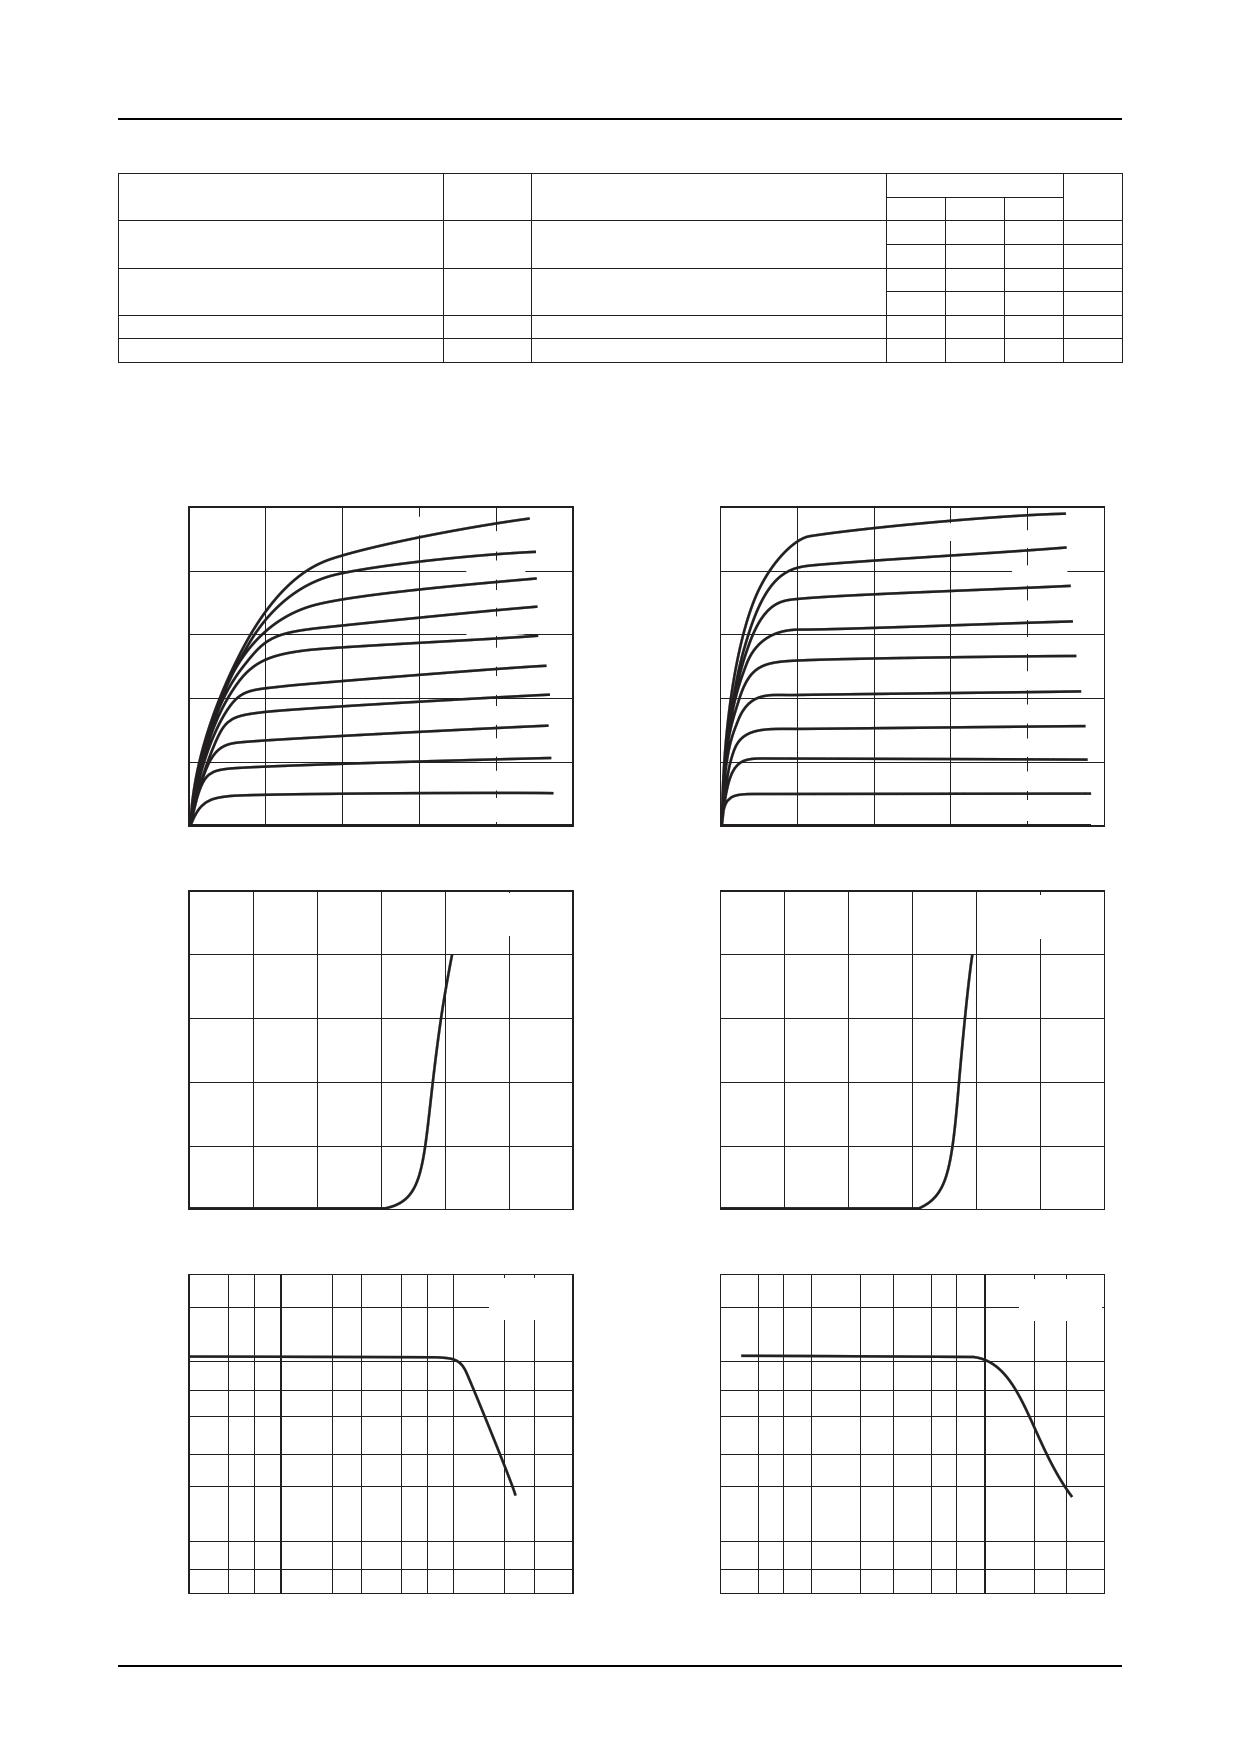 C3953 pdf pinout